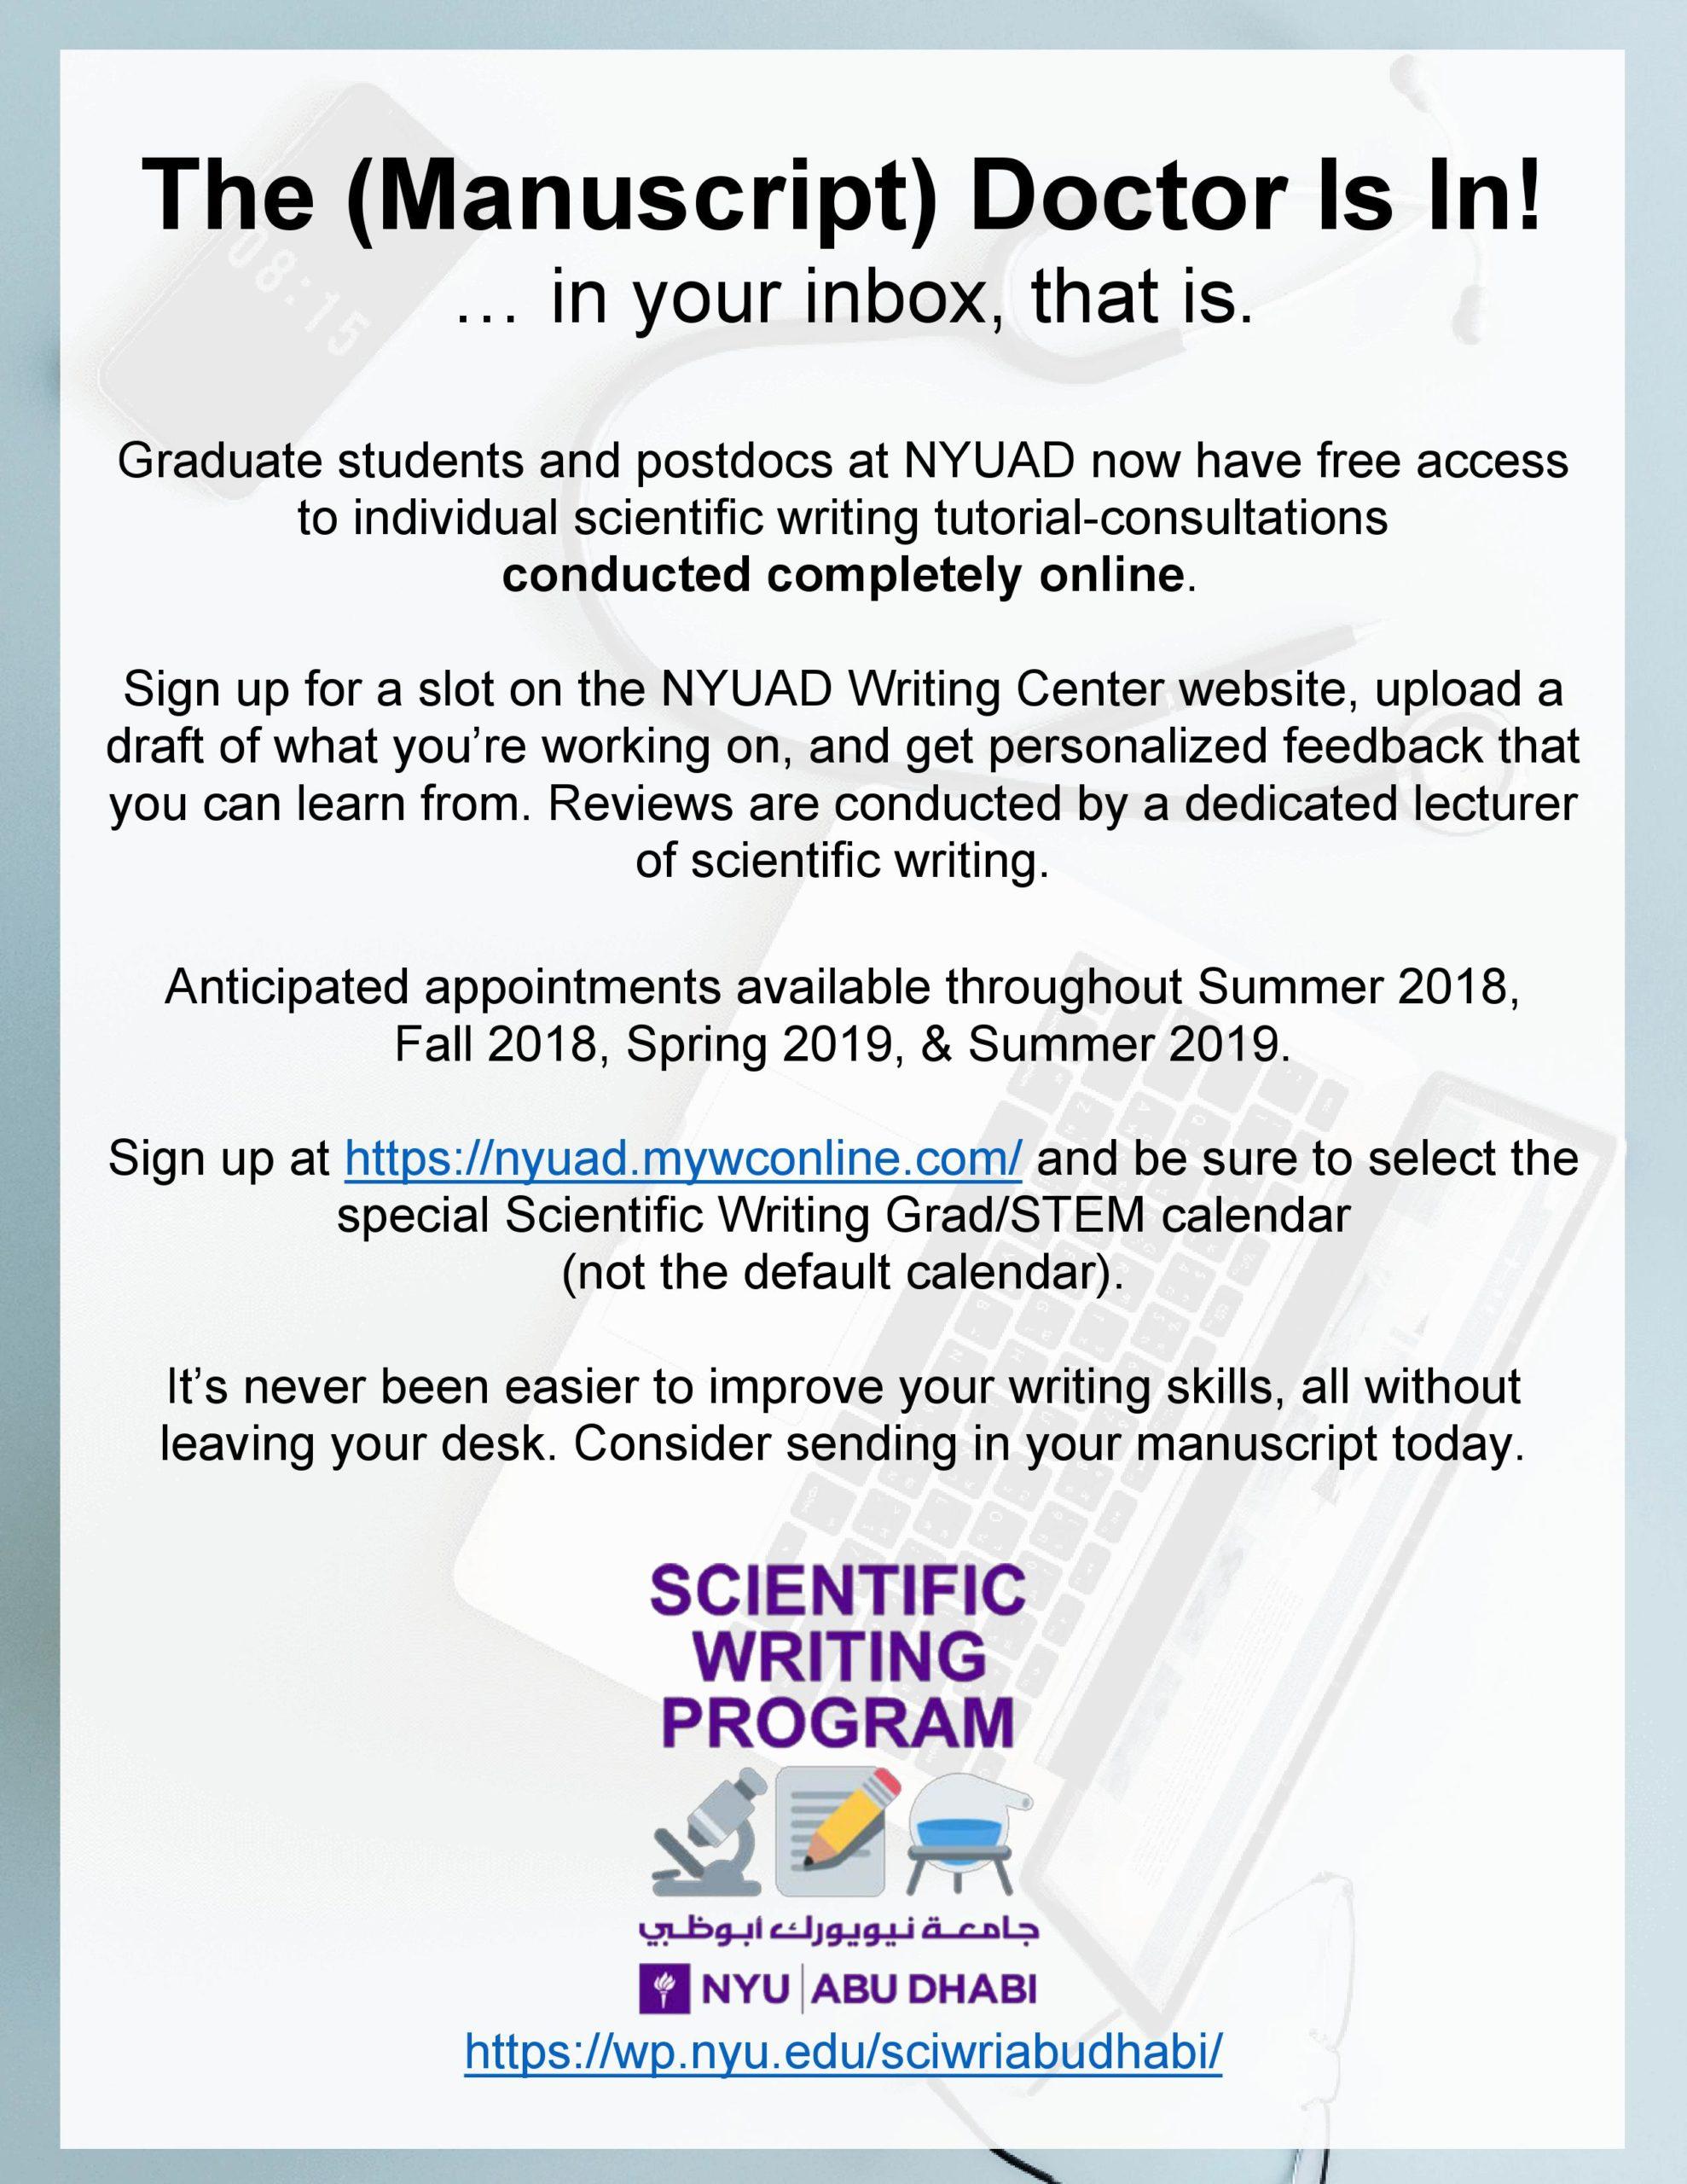 Updates – Scientific Writing Program at NYU Abu Dhabi